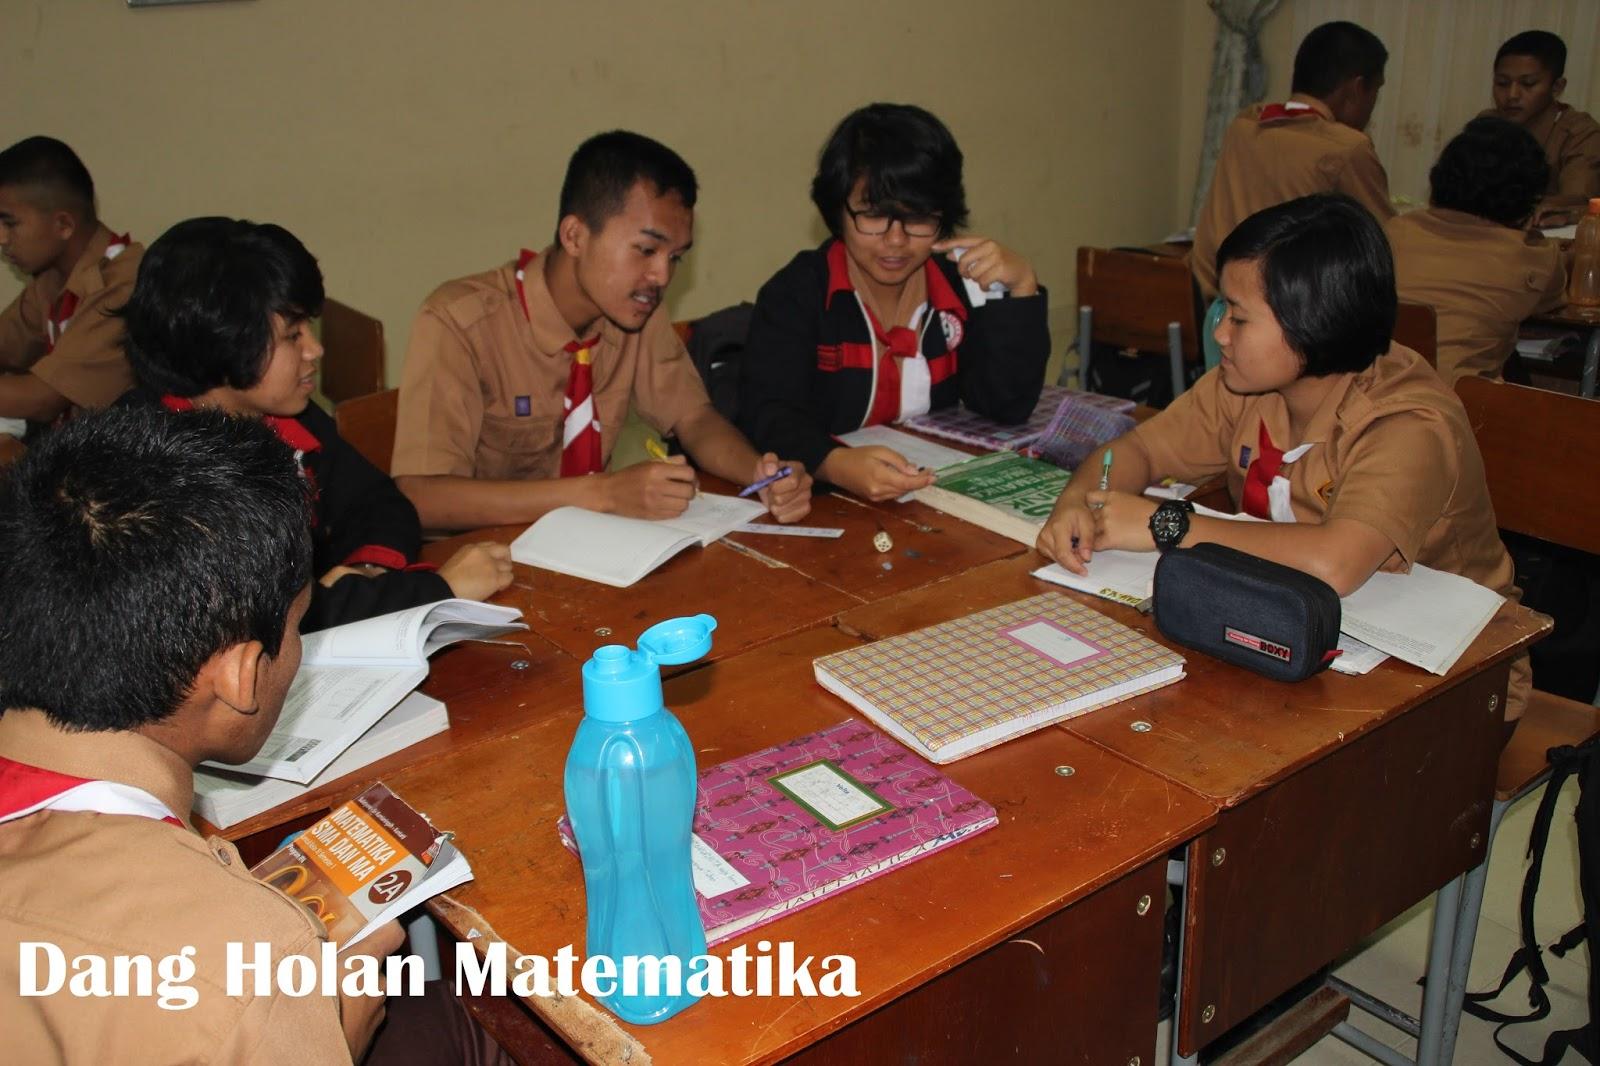 Konsep Pembelajaran Aktif, Kreatif, Efektif dan Menyenangkan (PAKEM)